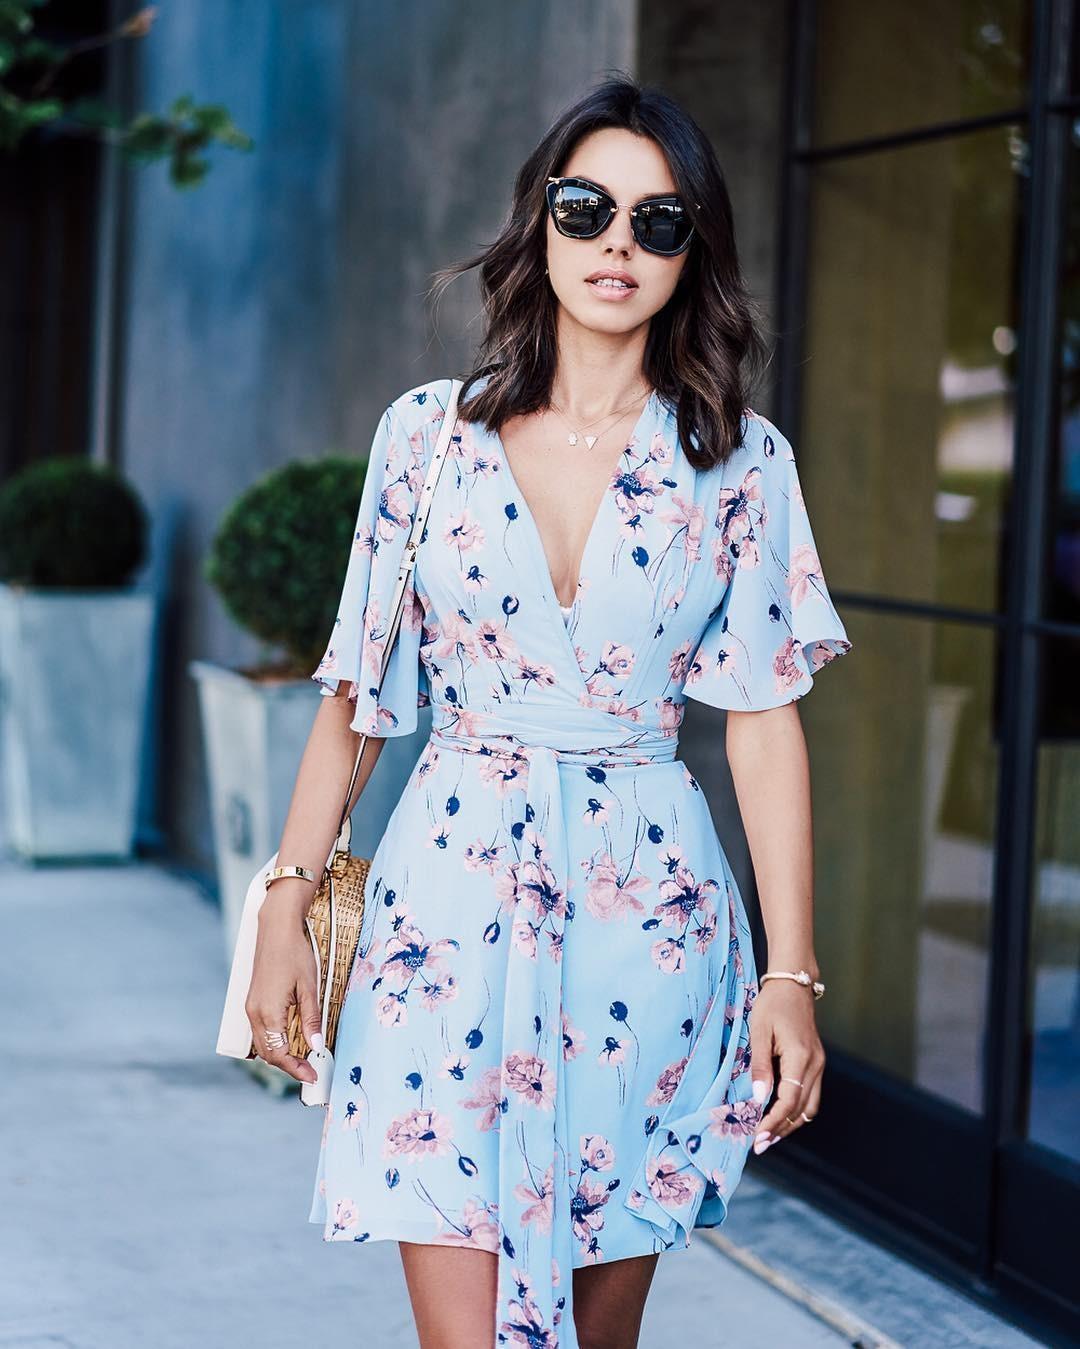 платья на каждый день 2019 2019 года платье легкое голубое в цветы